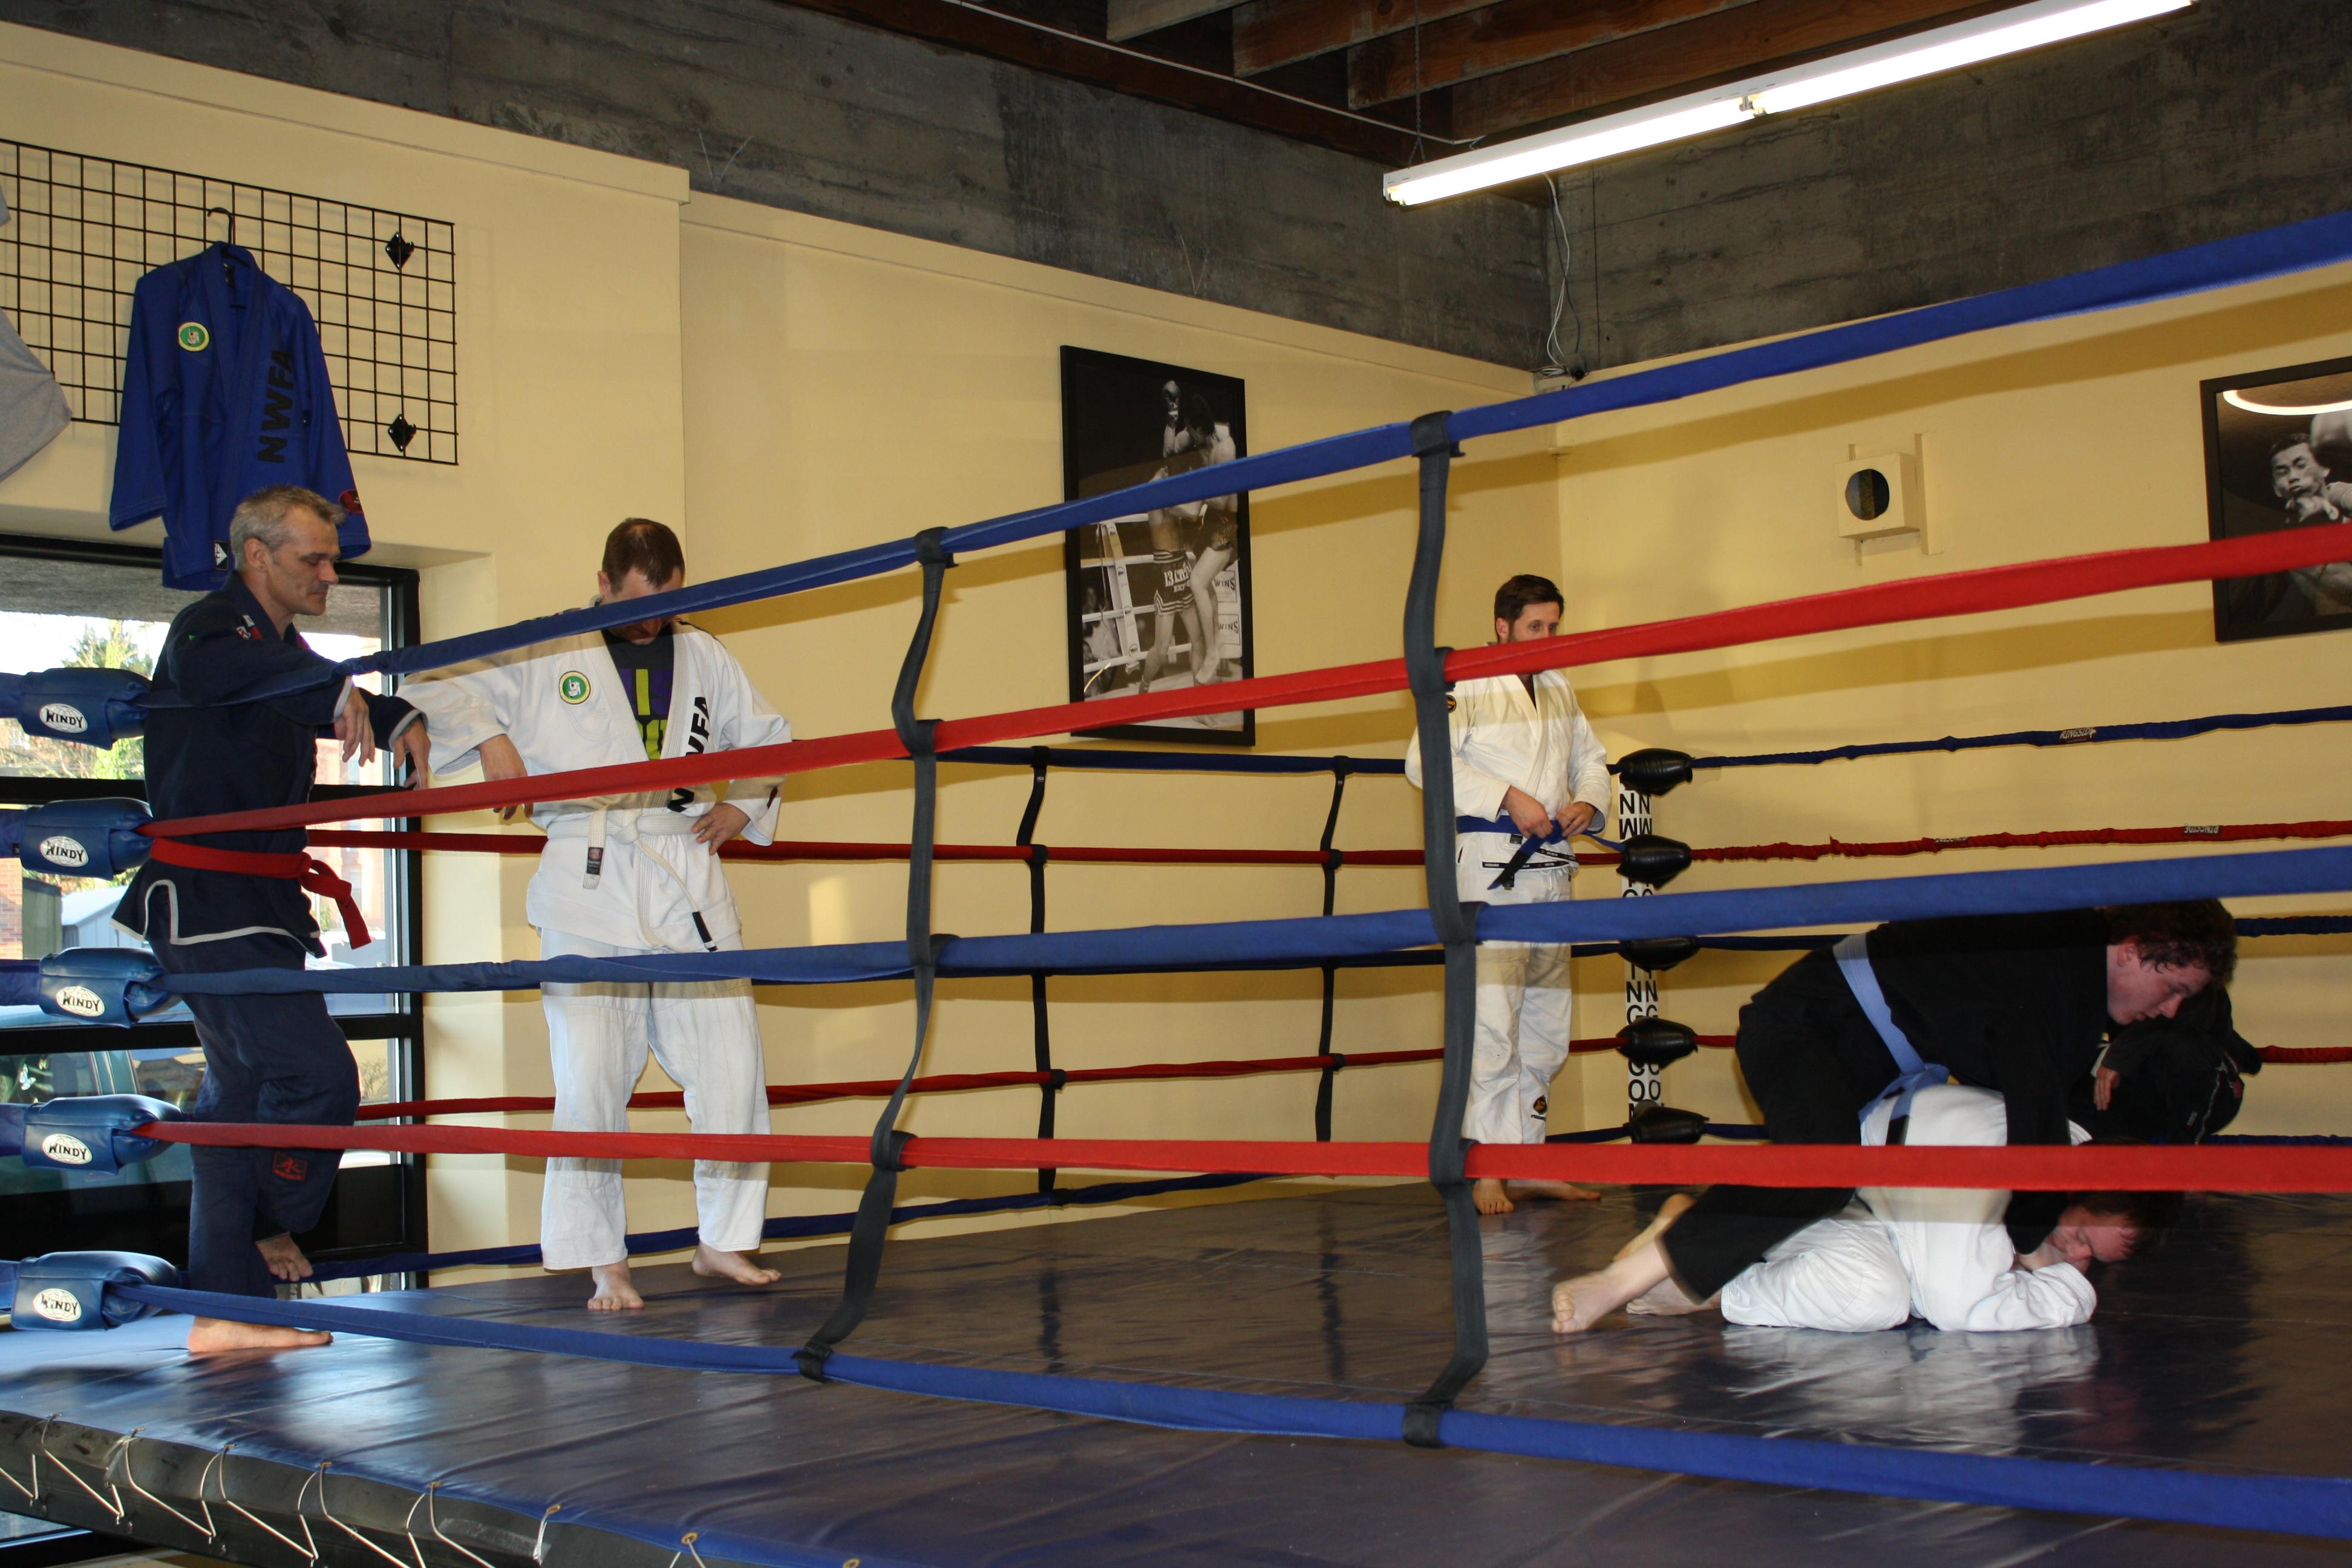 Using the X-Guard during Jiu-Jitsu Competition